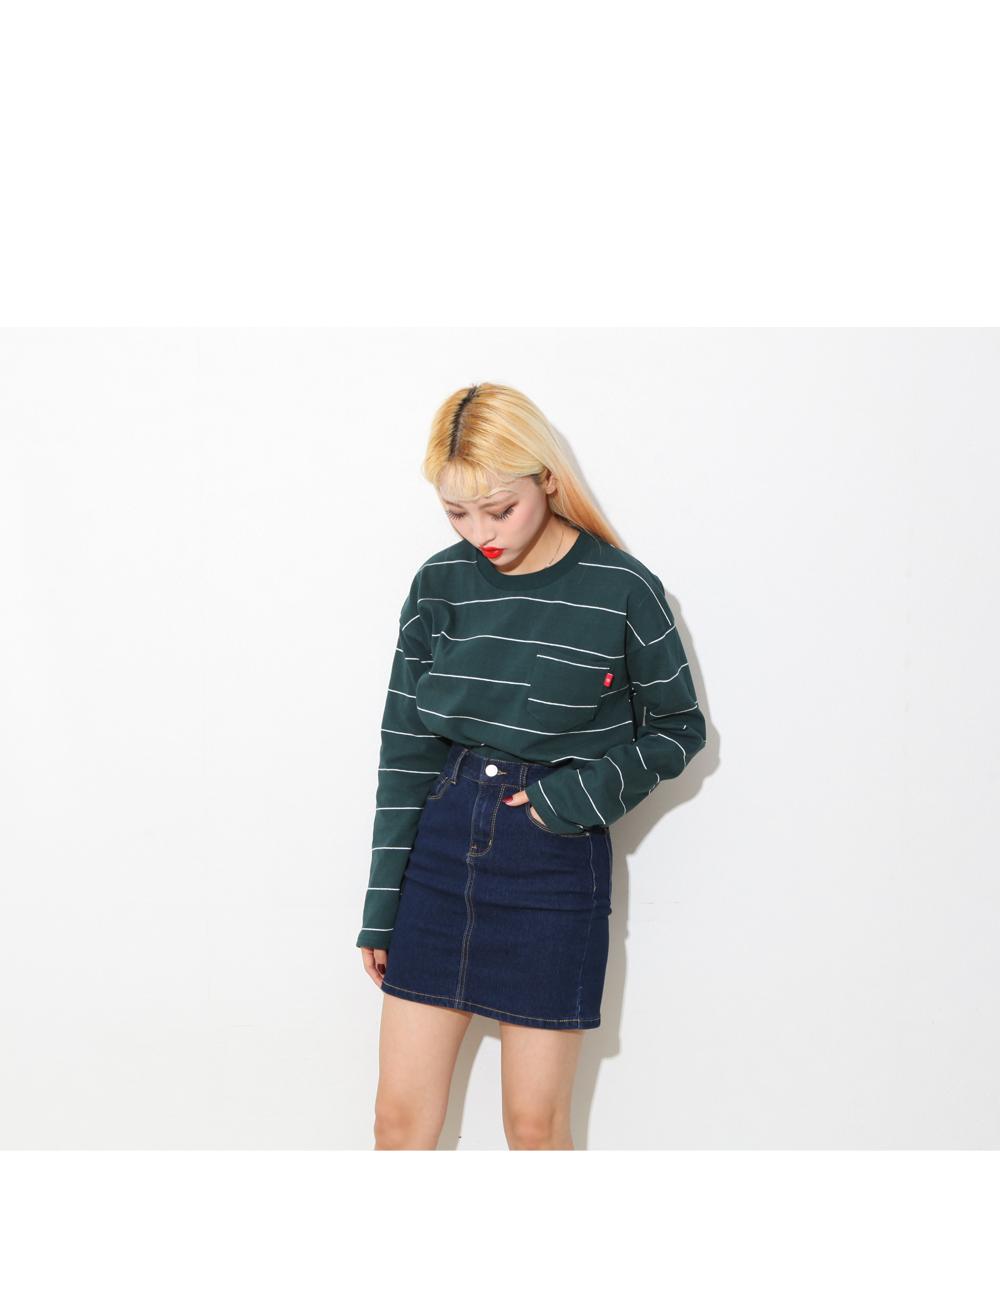 Wild dirt blue skirt # Cheong #